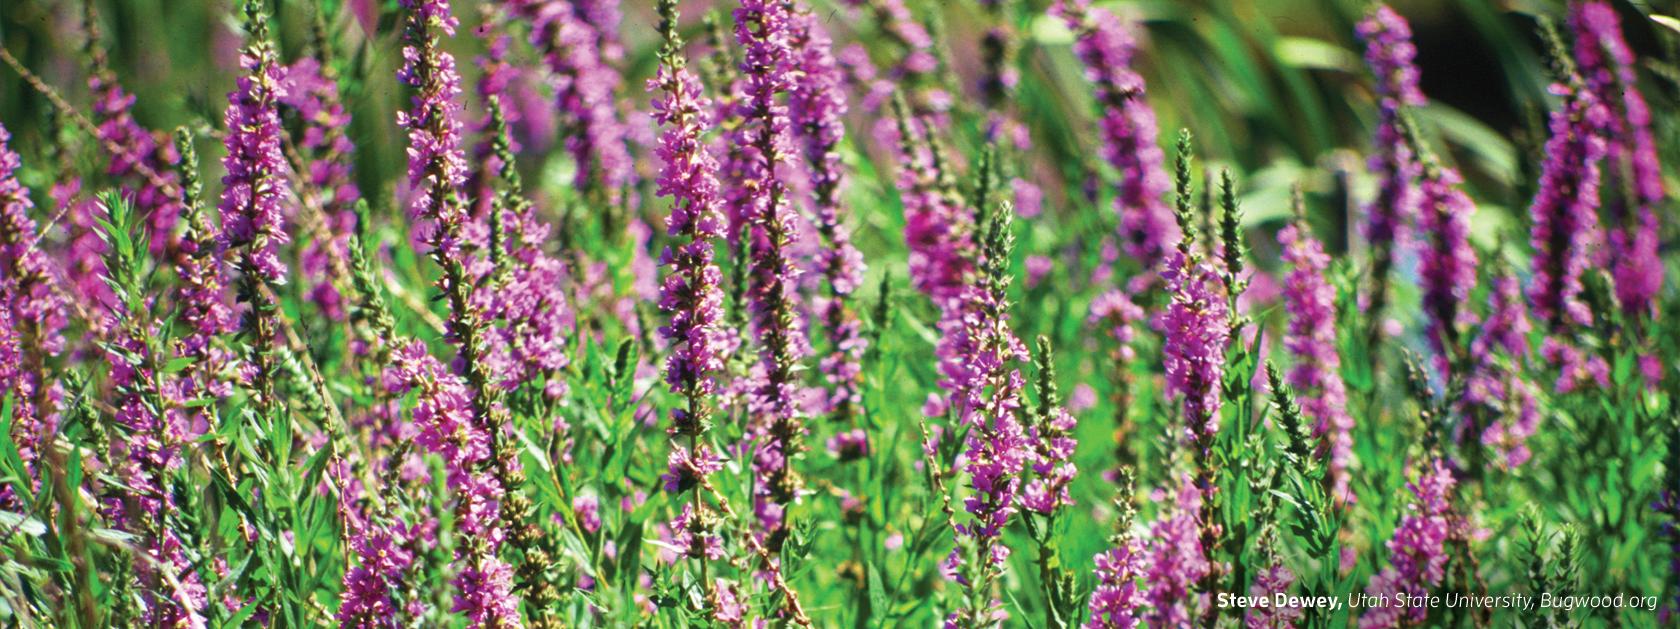 PurpleLooseleaf-banner.jpg